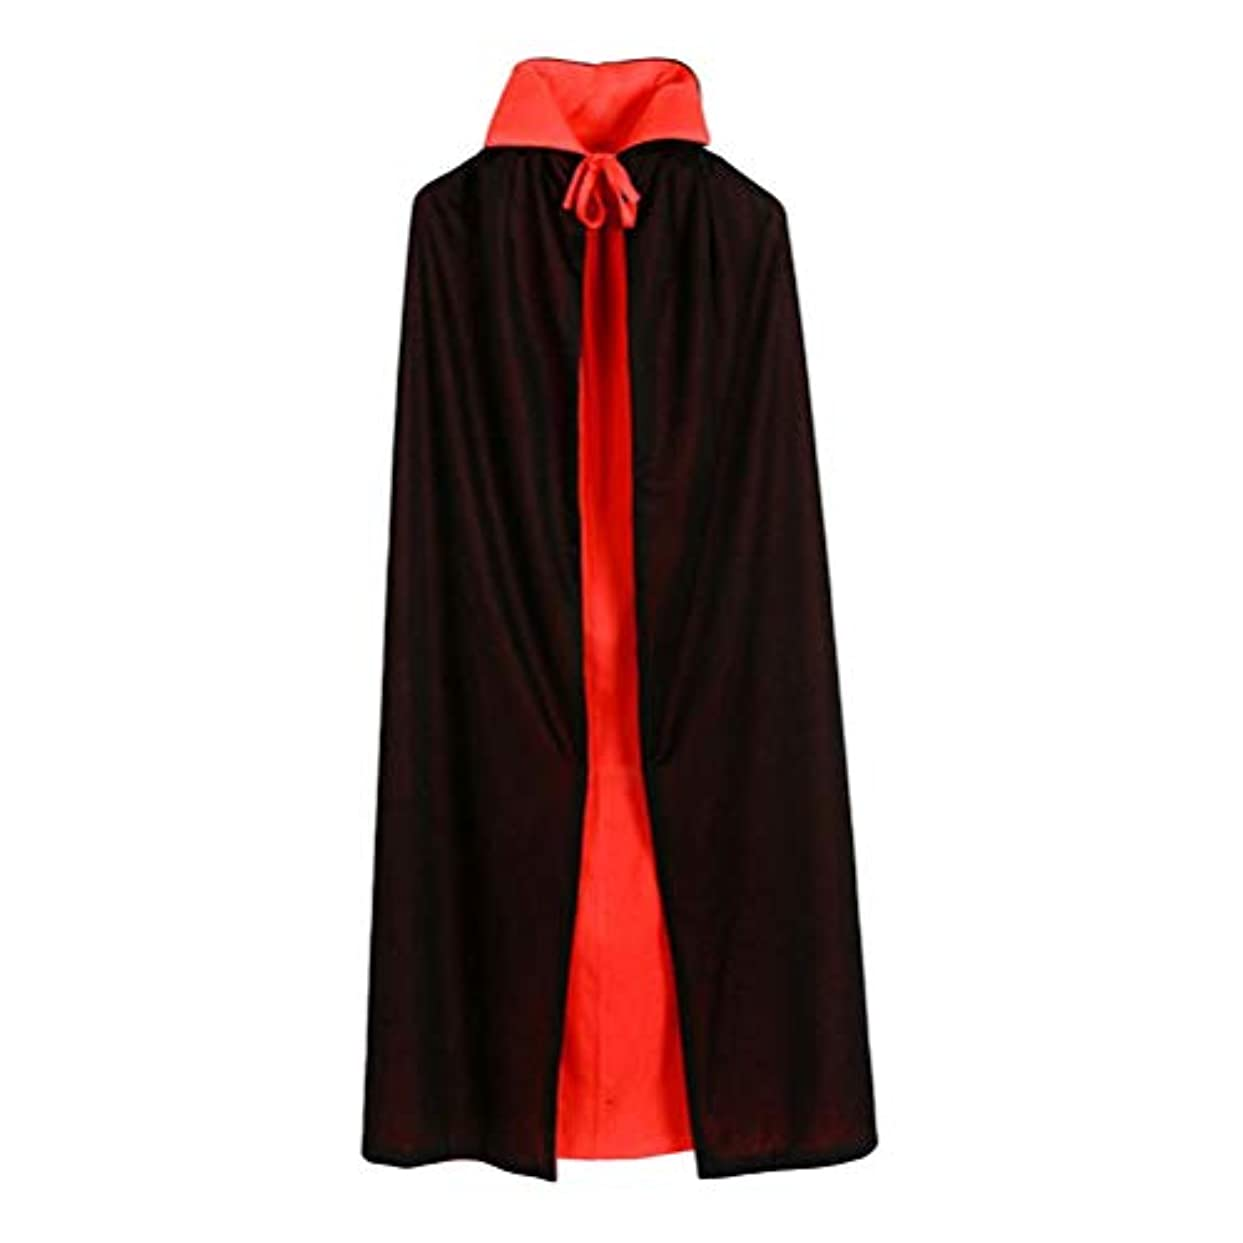 足枷デモンストレーション何もないToyvian ヴァンパイアマント二重層黒と赤のフード付きマントヴァンパイアコスチュームコスプレケープは男の子と女の子のためにドレスアップ(90cmストレートカラーダブルマント)